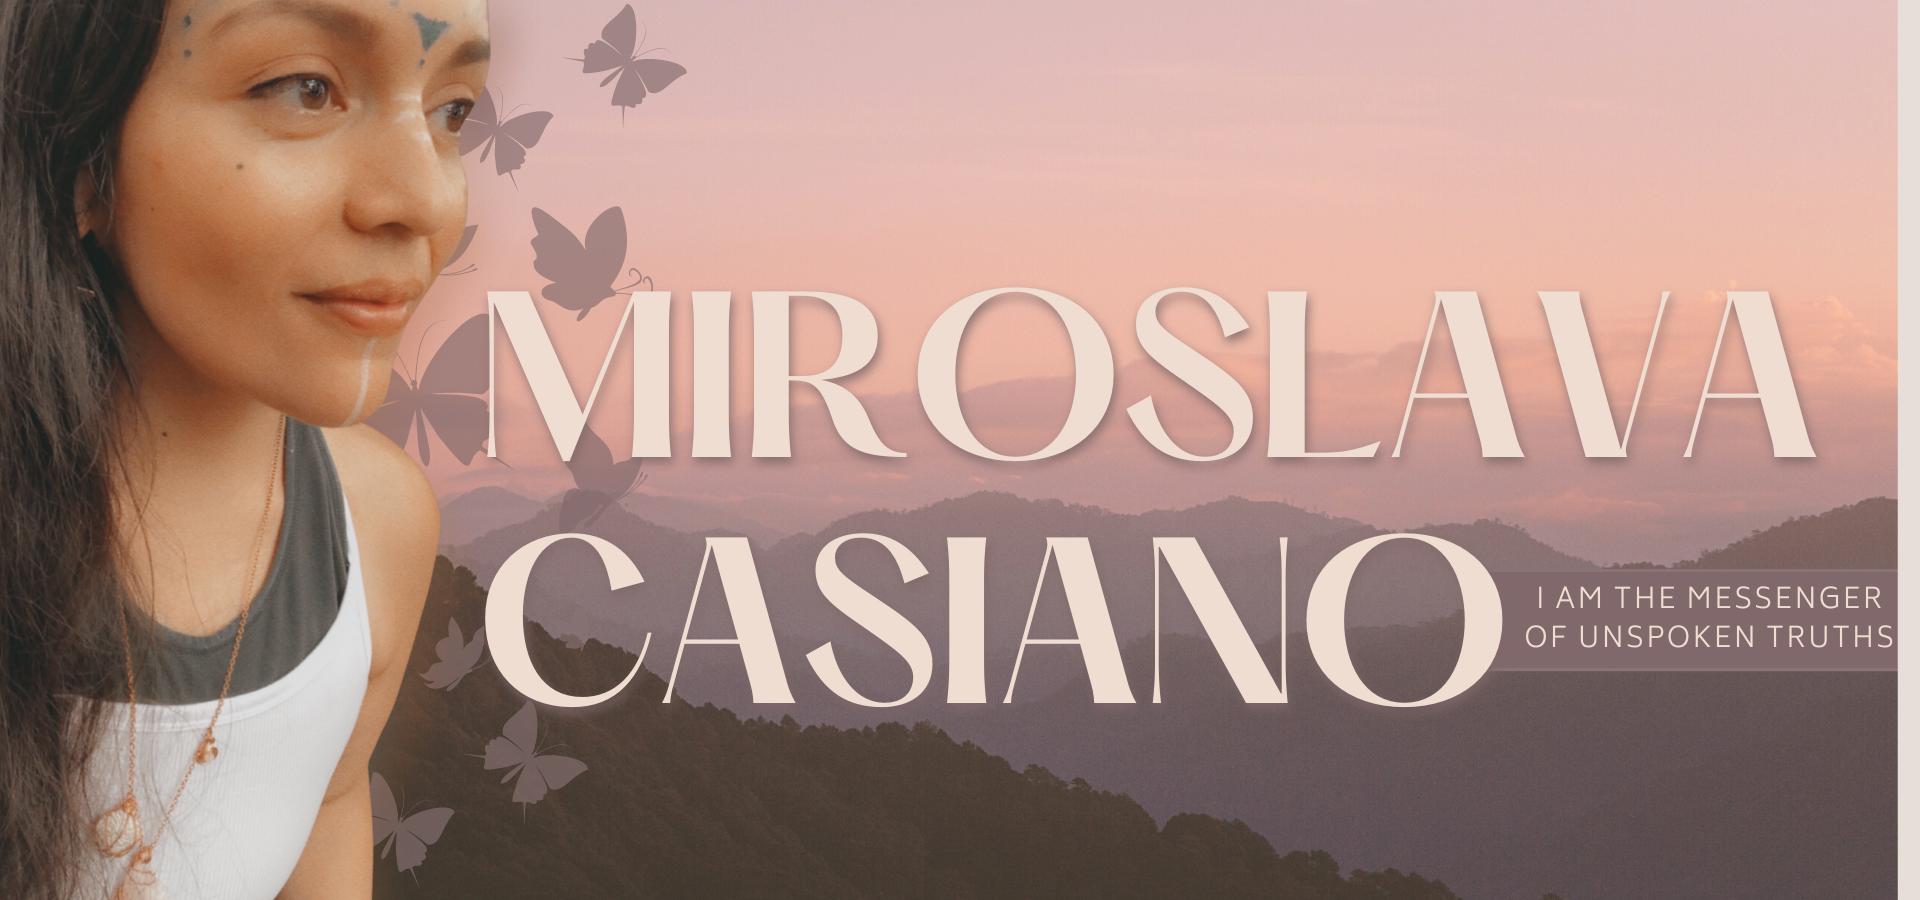 Miroslava Casiano website banner